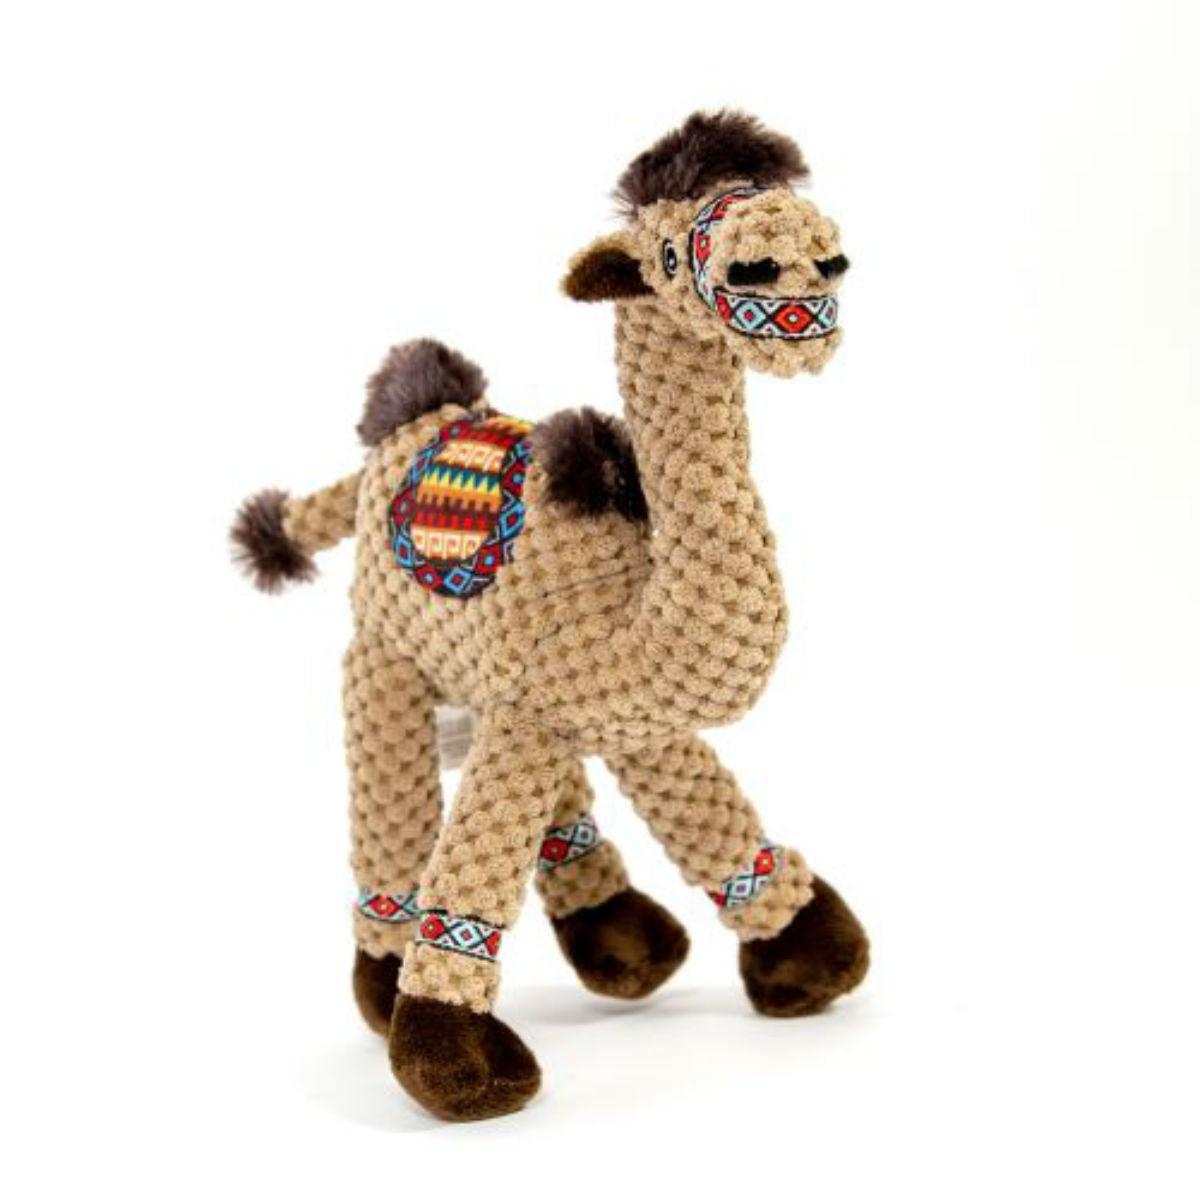 fabdog® Floppy Friends Dog Toy - Camel